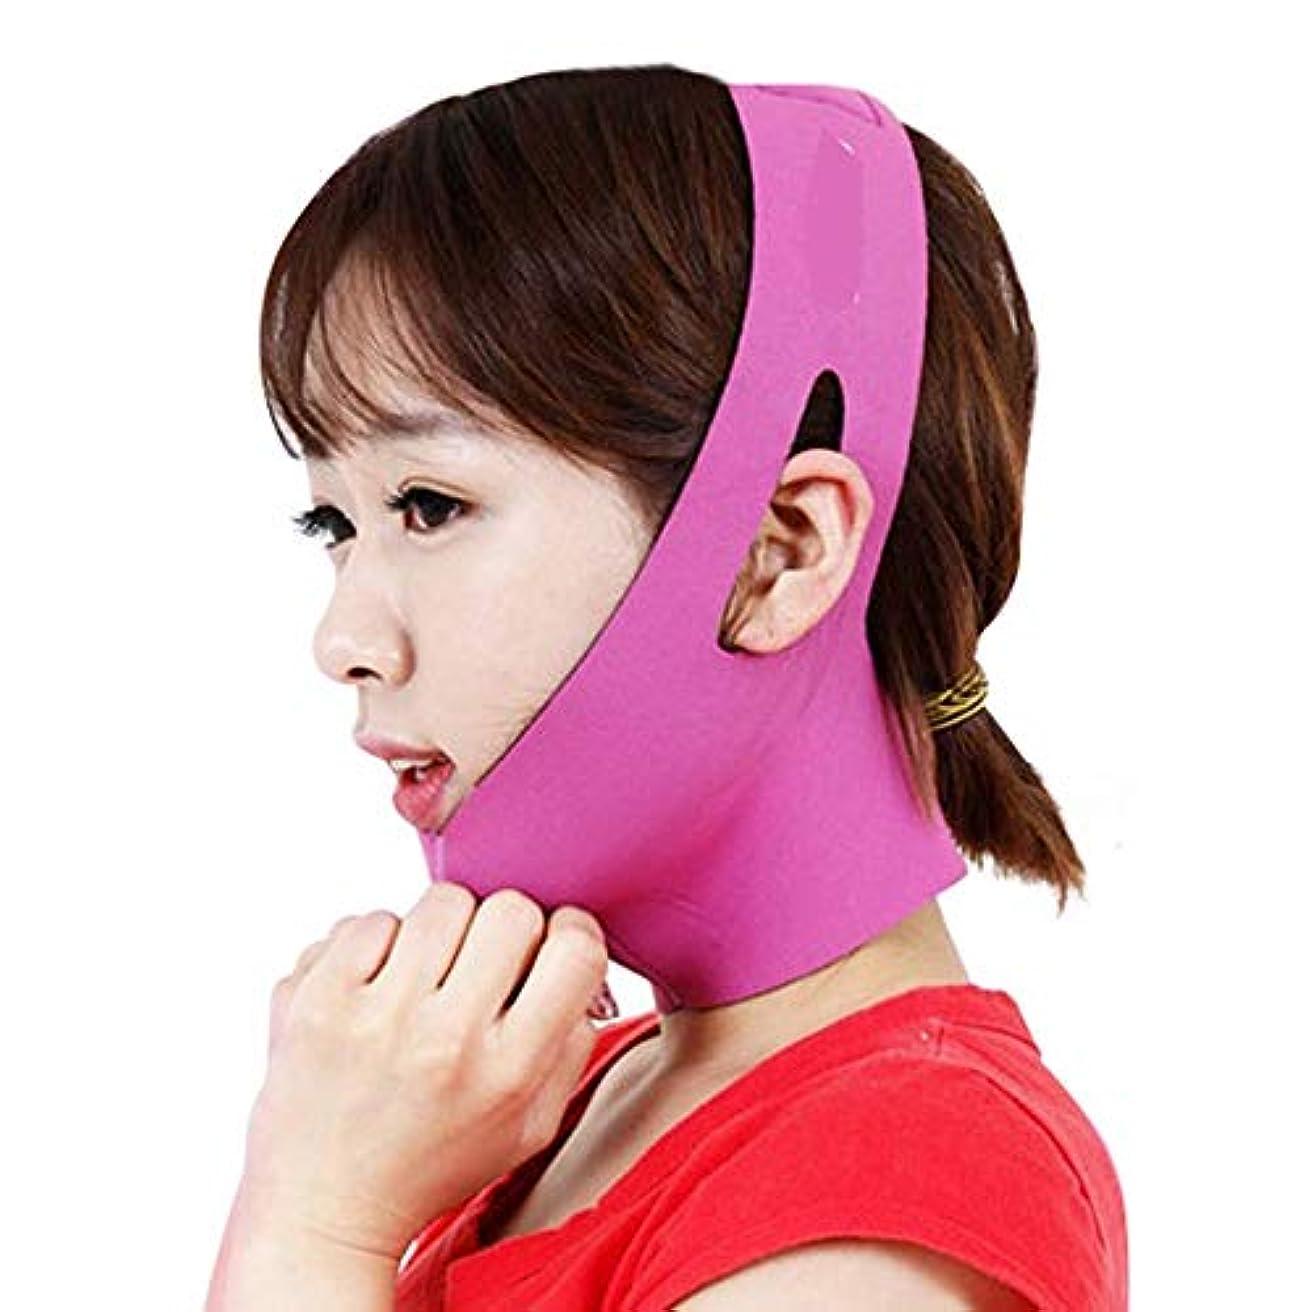 可決人生を作る名誉あるJia Jia- フェイシャルリフティング痩身ベルト圧縮二重あご減量ベルトスキンケア薄い顔包帯二重あごワークアウト 顔面包帯 (色 : ピンク)